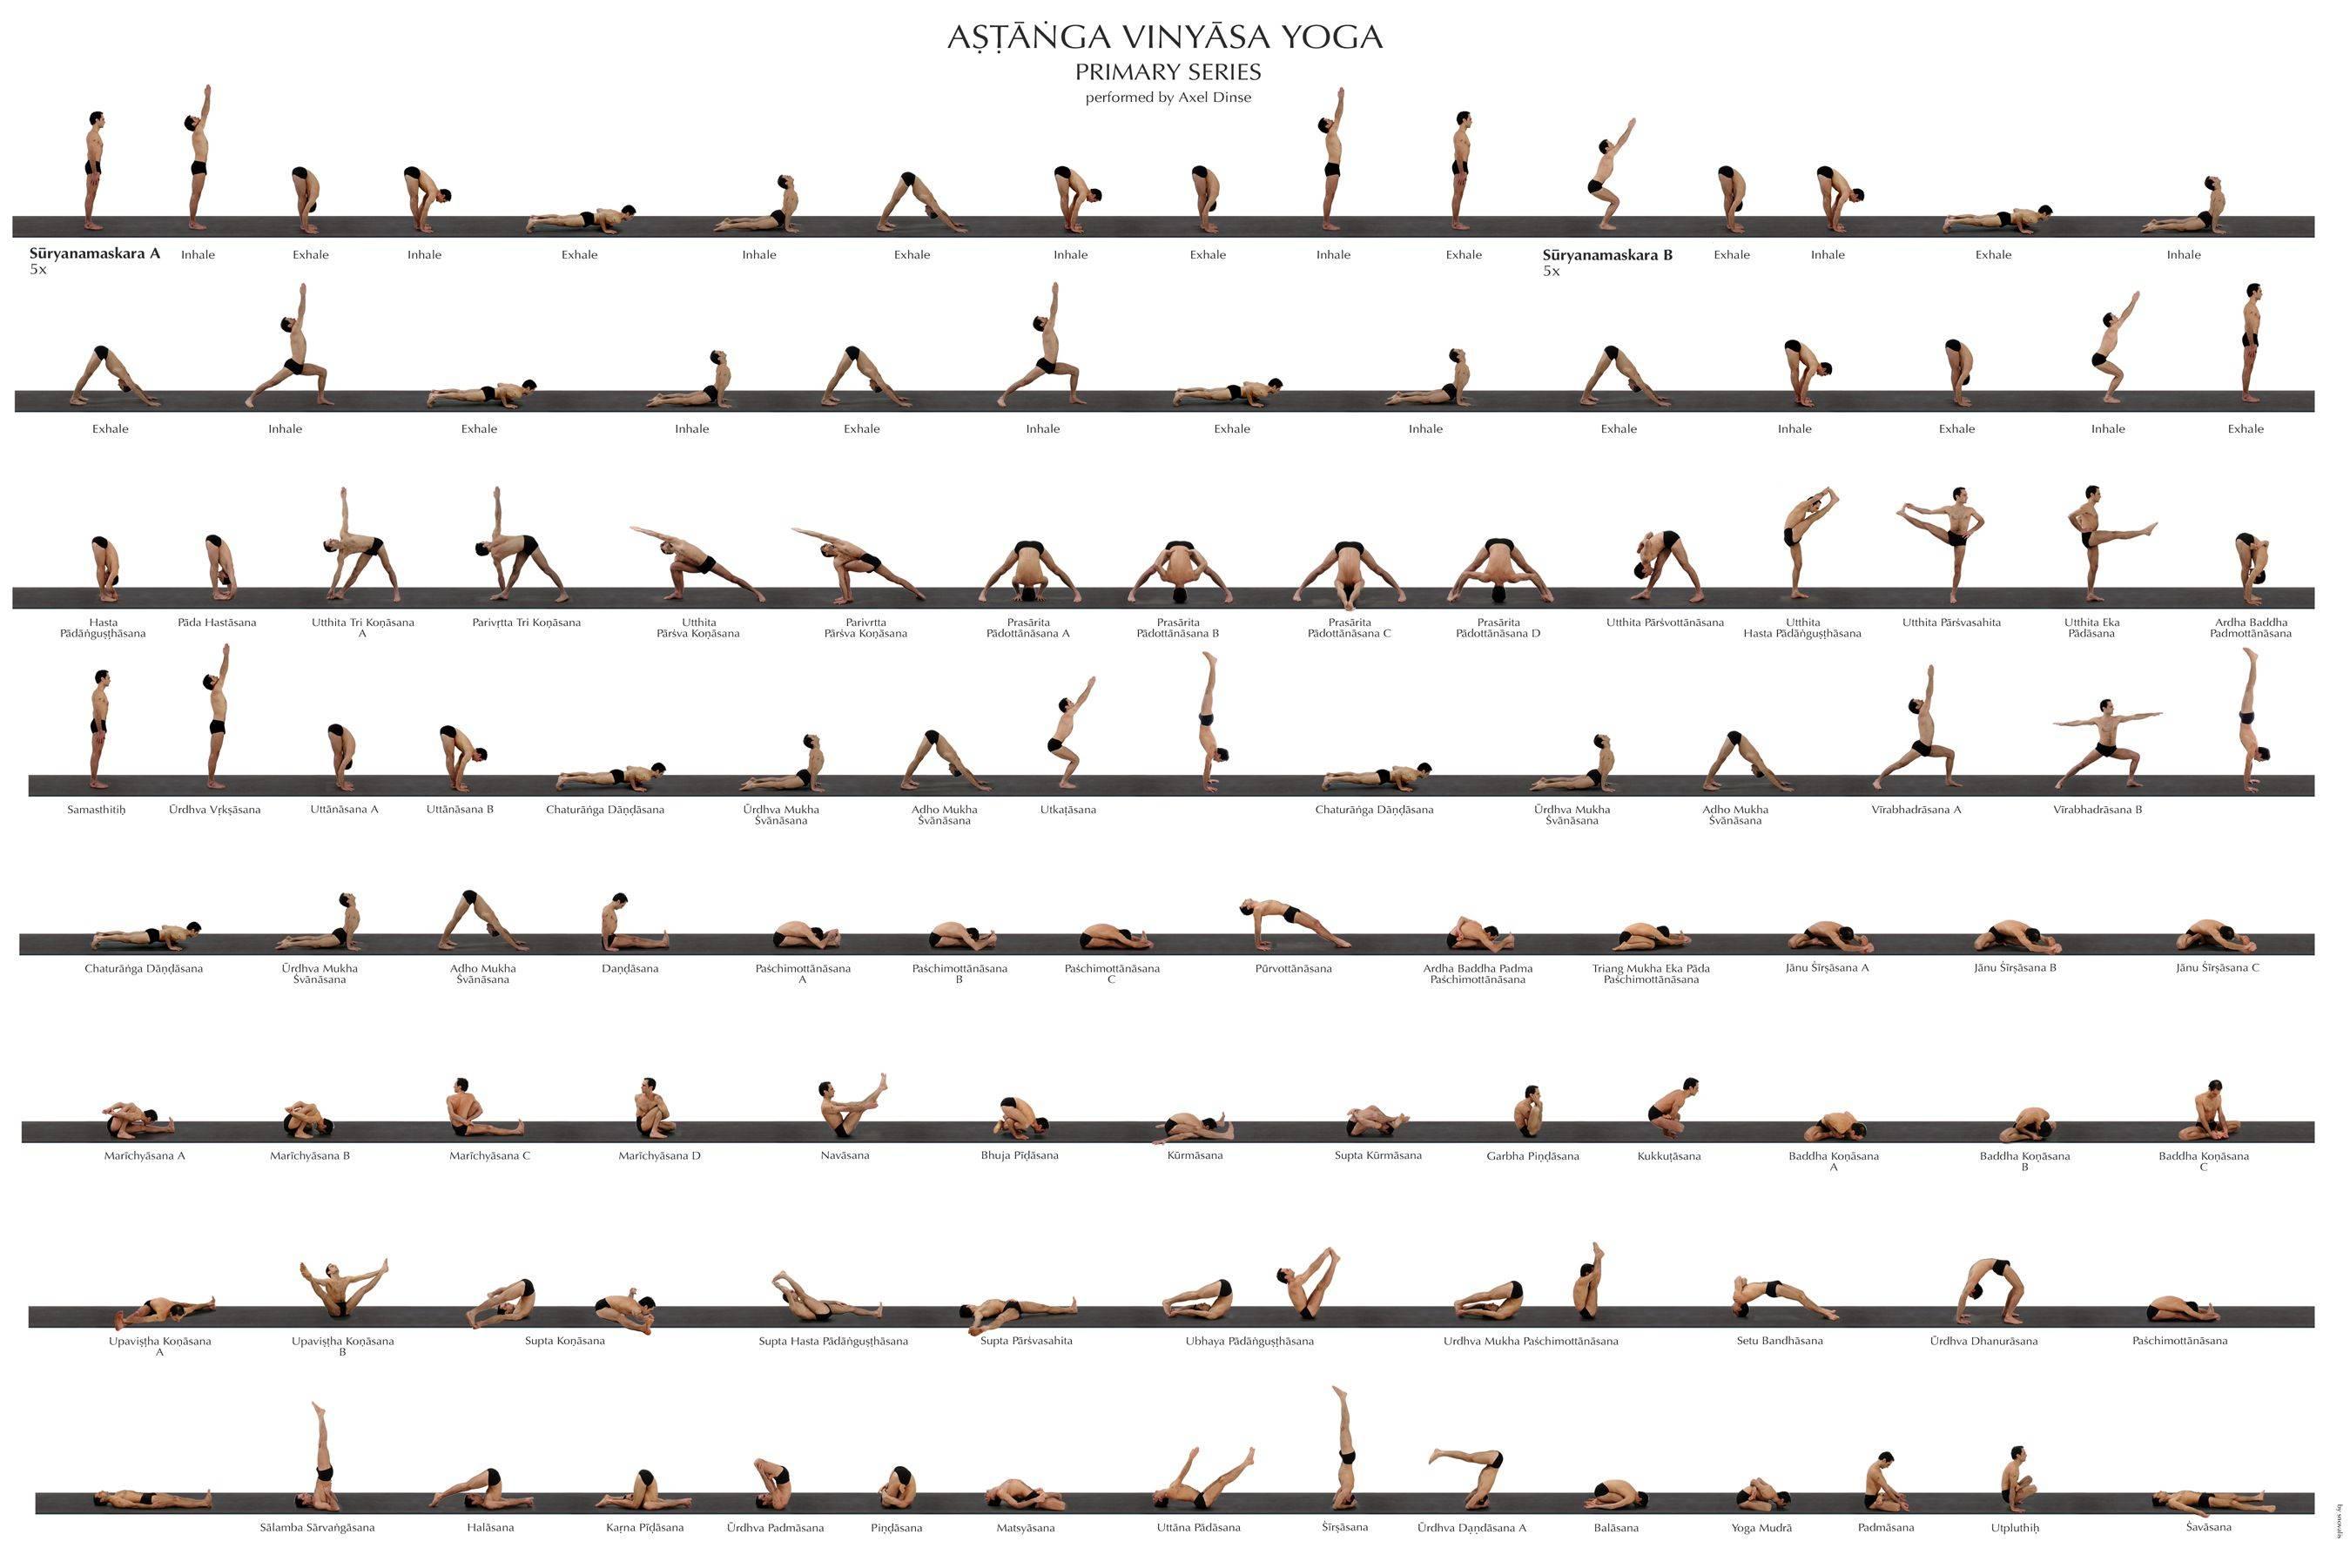 Хатха, аштанга, виньяса, бикрам: как выбрать идеальный класс йоги